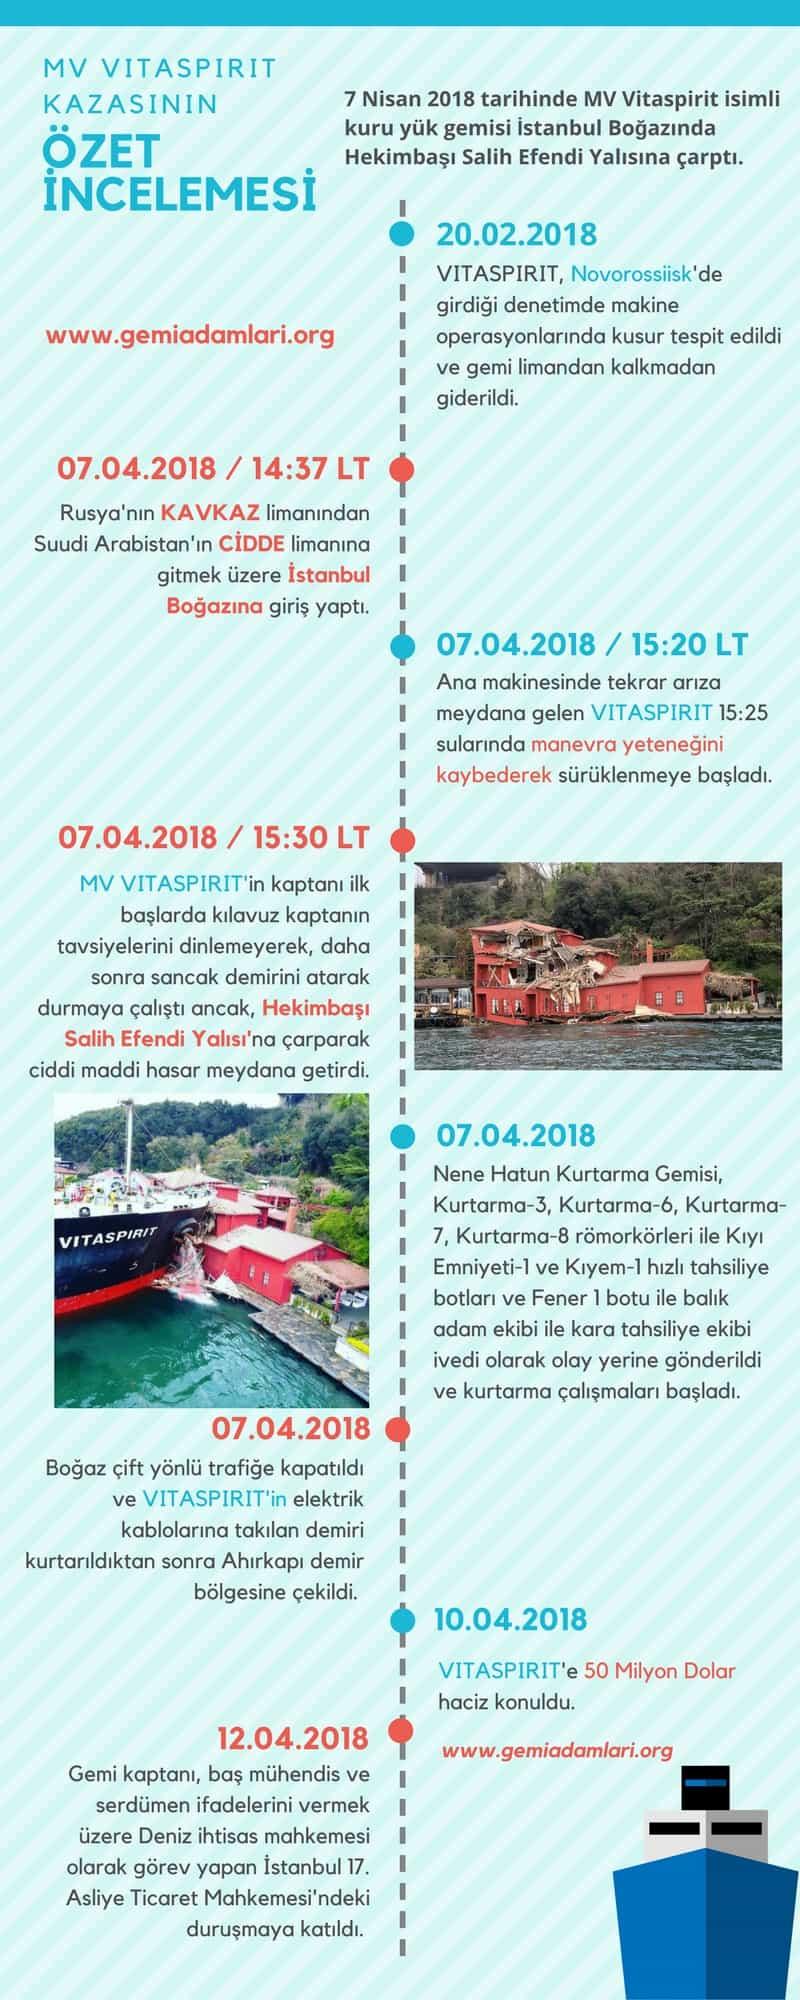 Vitaspirit Kazası - Hekimbaşı Salih Efendi Yalısı - İstanbul Boğaz - Bosphorus